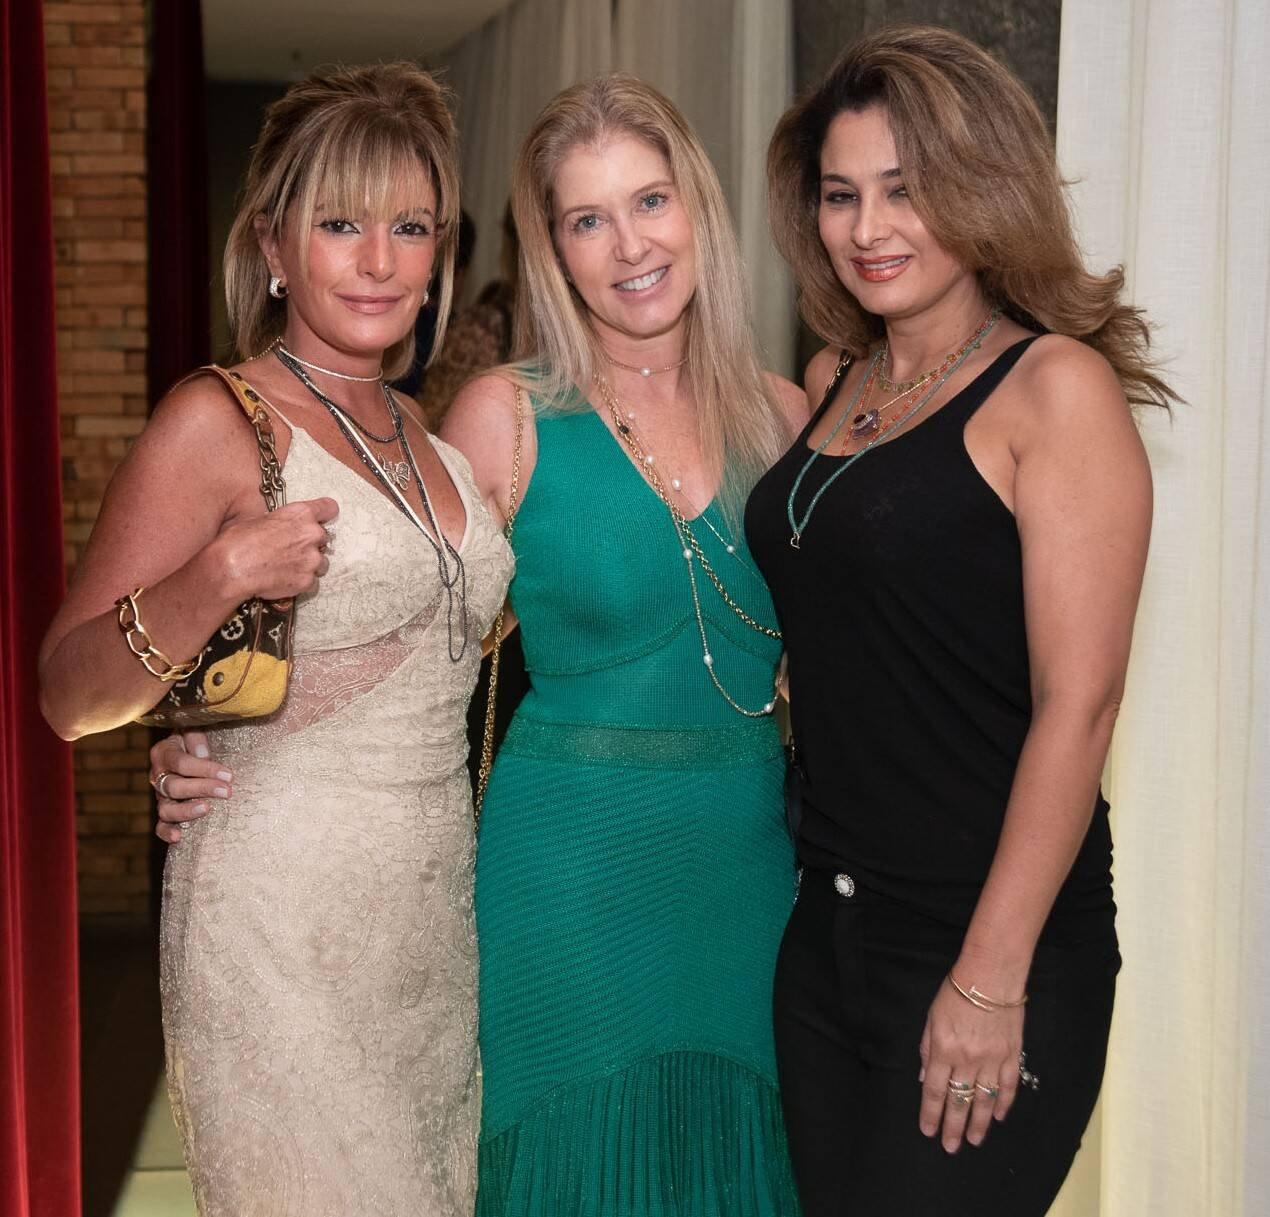 Gigi Senna, Monica kimelblat e Cris Senna /Foto:  Renato Wrobel